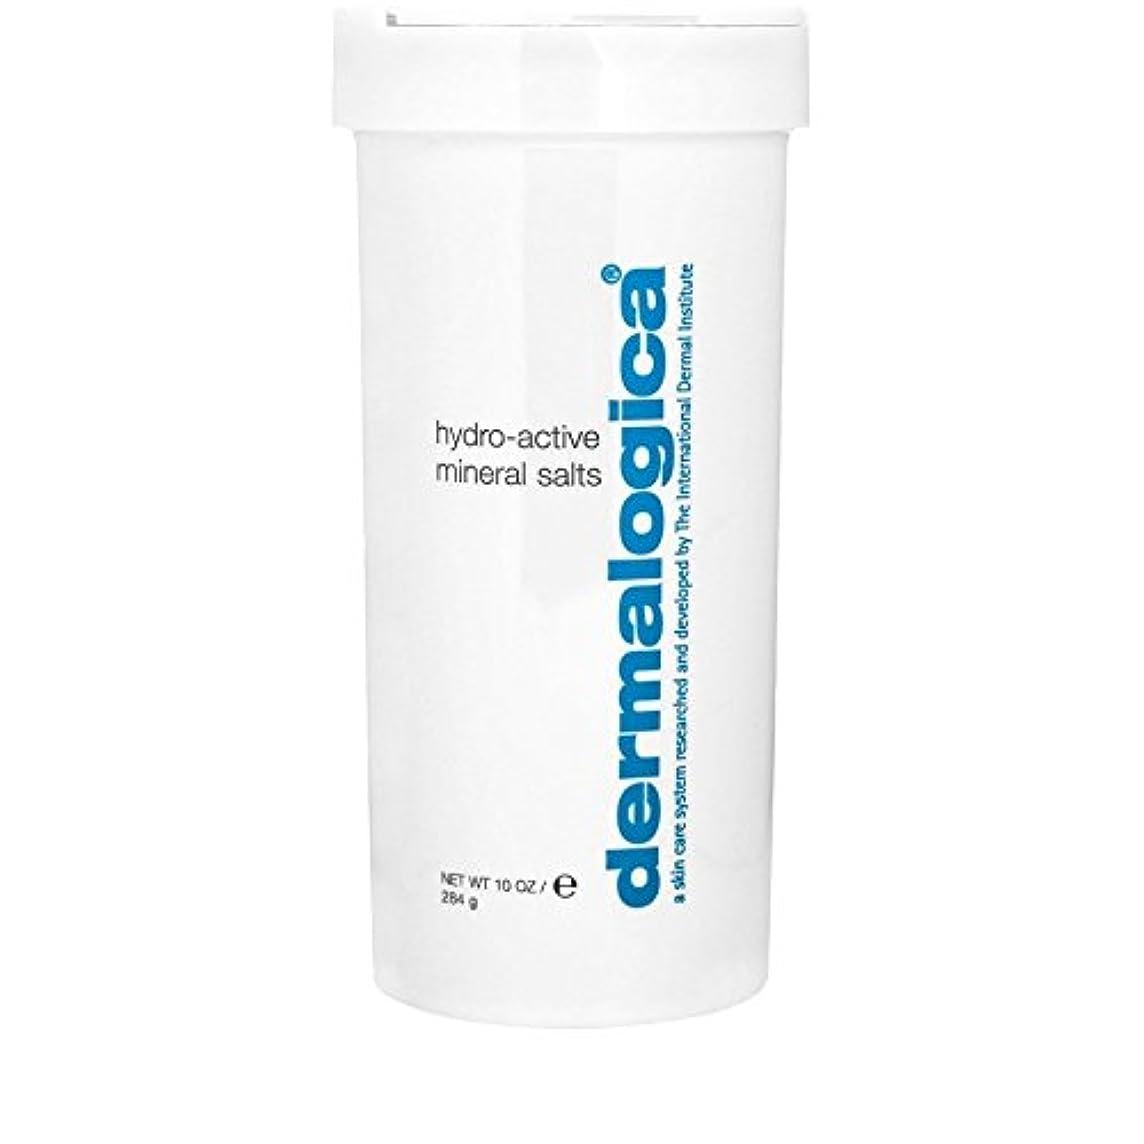 ドル増幅する煙Dermalogica Hydro Active Mineral Salt 284g - ダーマロジカ水力アクティブミネラル塩284グラム [並行輸入品]